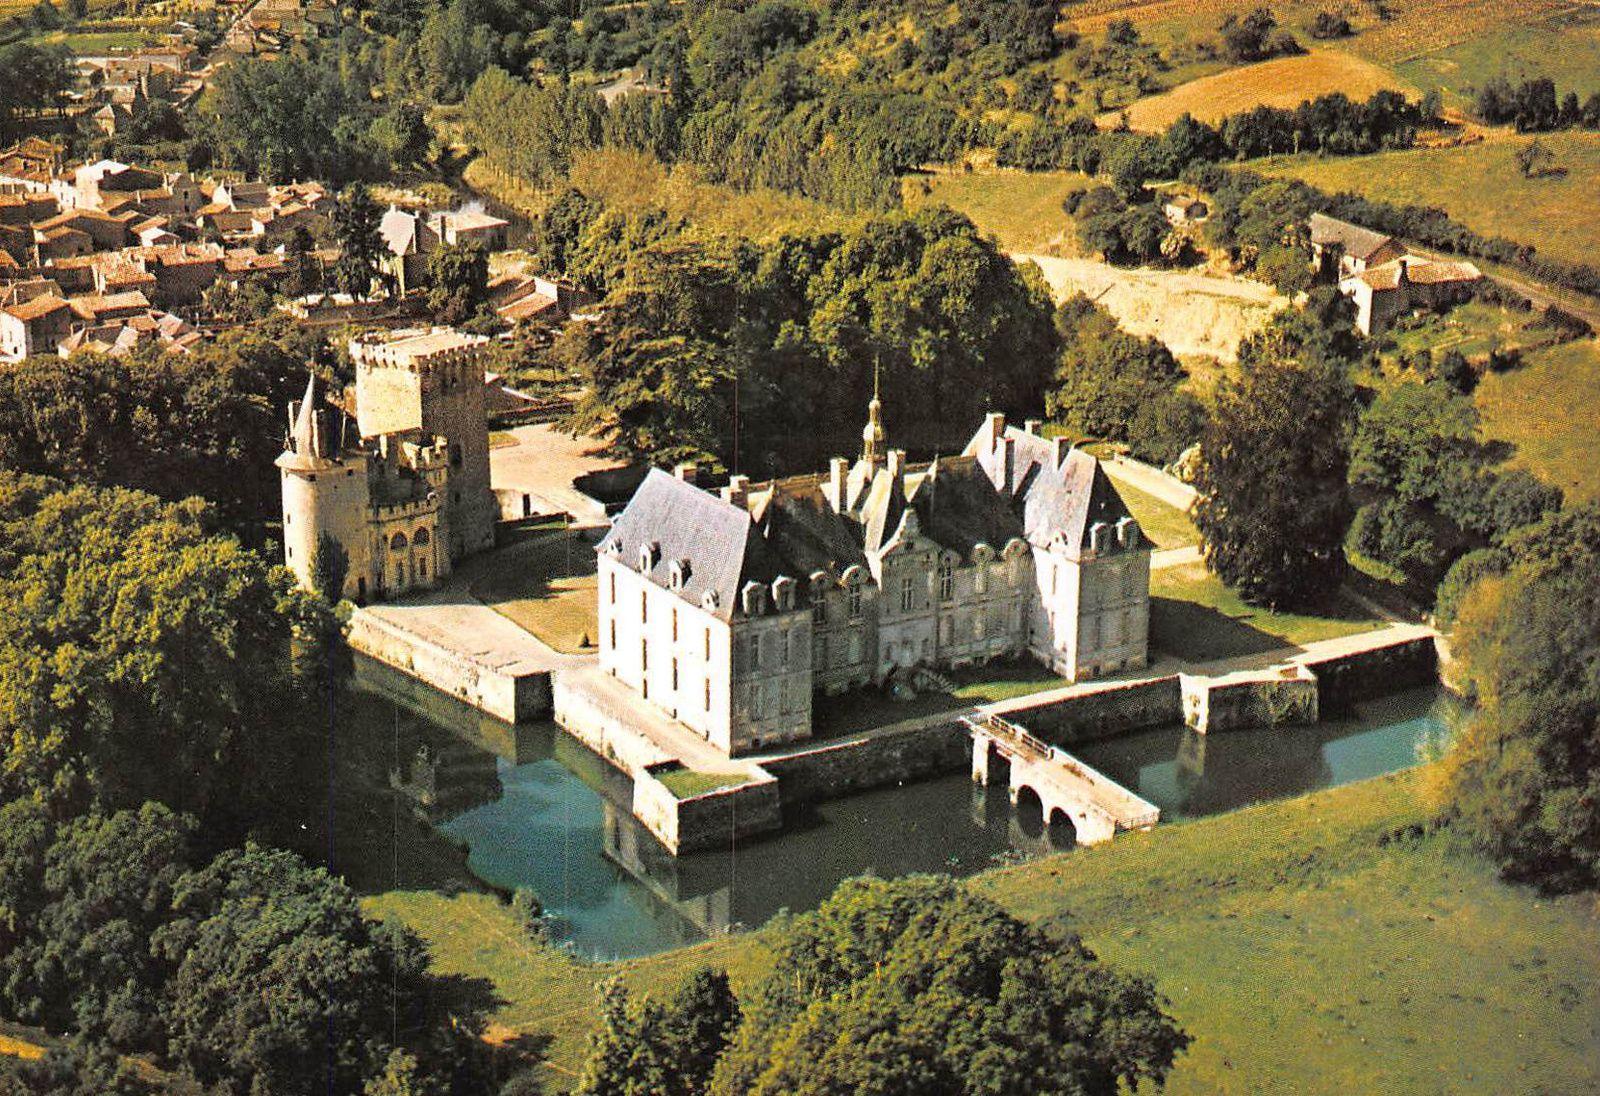 St Loup Lamairé - Auberge Ste Catherine - l'église et son Saint Local St Théphane décapité au Tonkin en 1861 - le Château de St Loup qui fait chambres d'hôtes